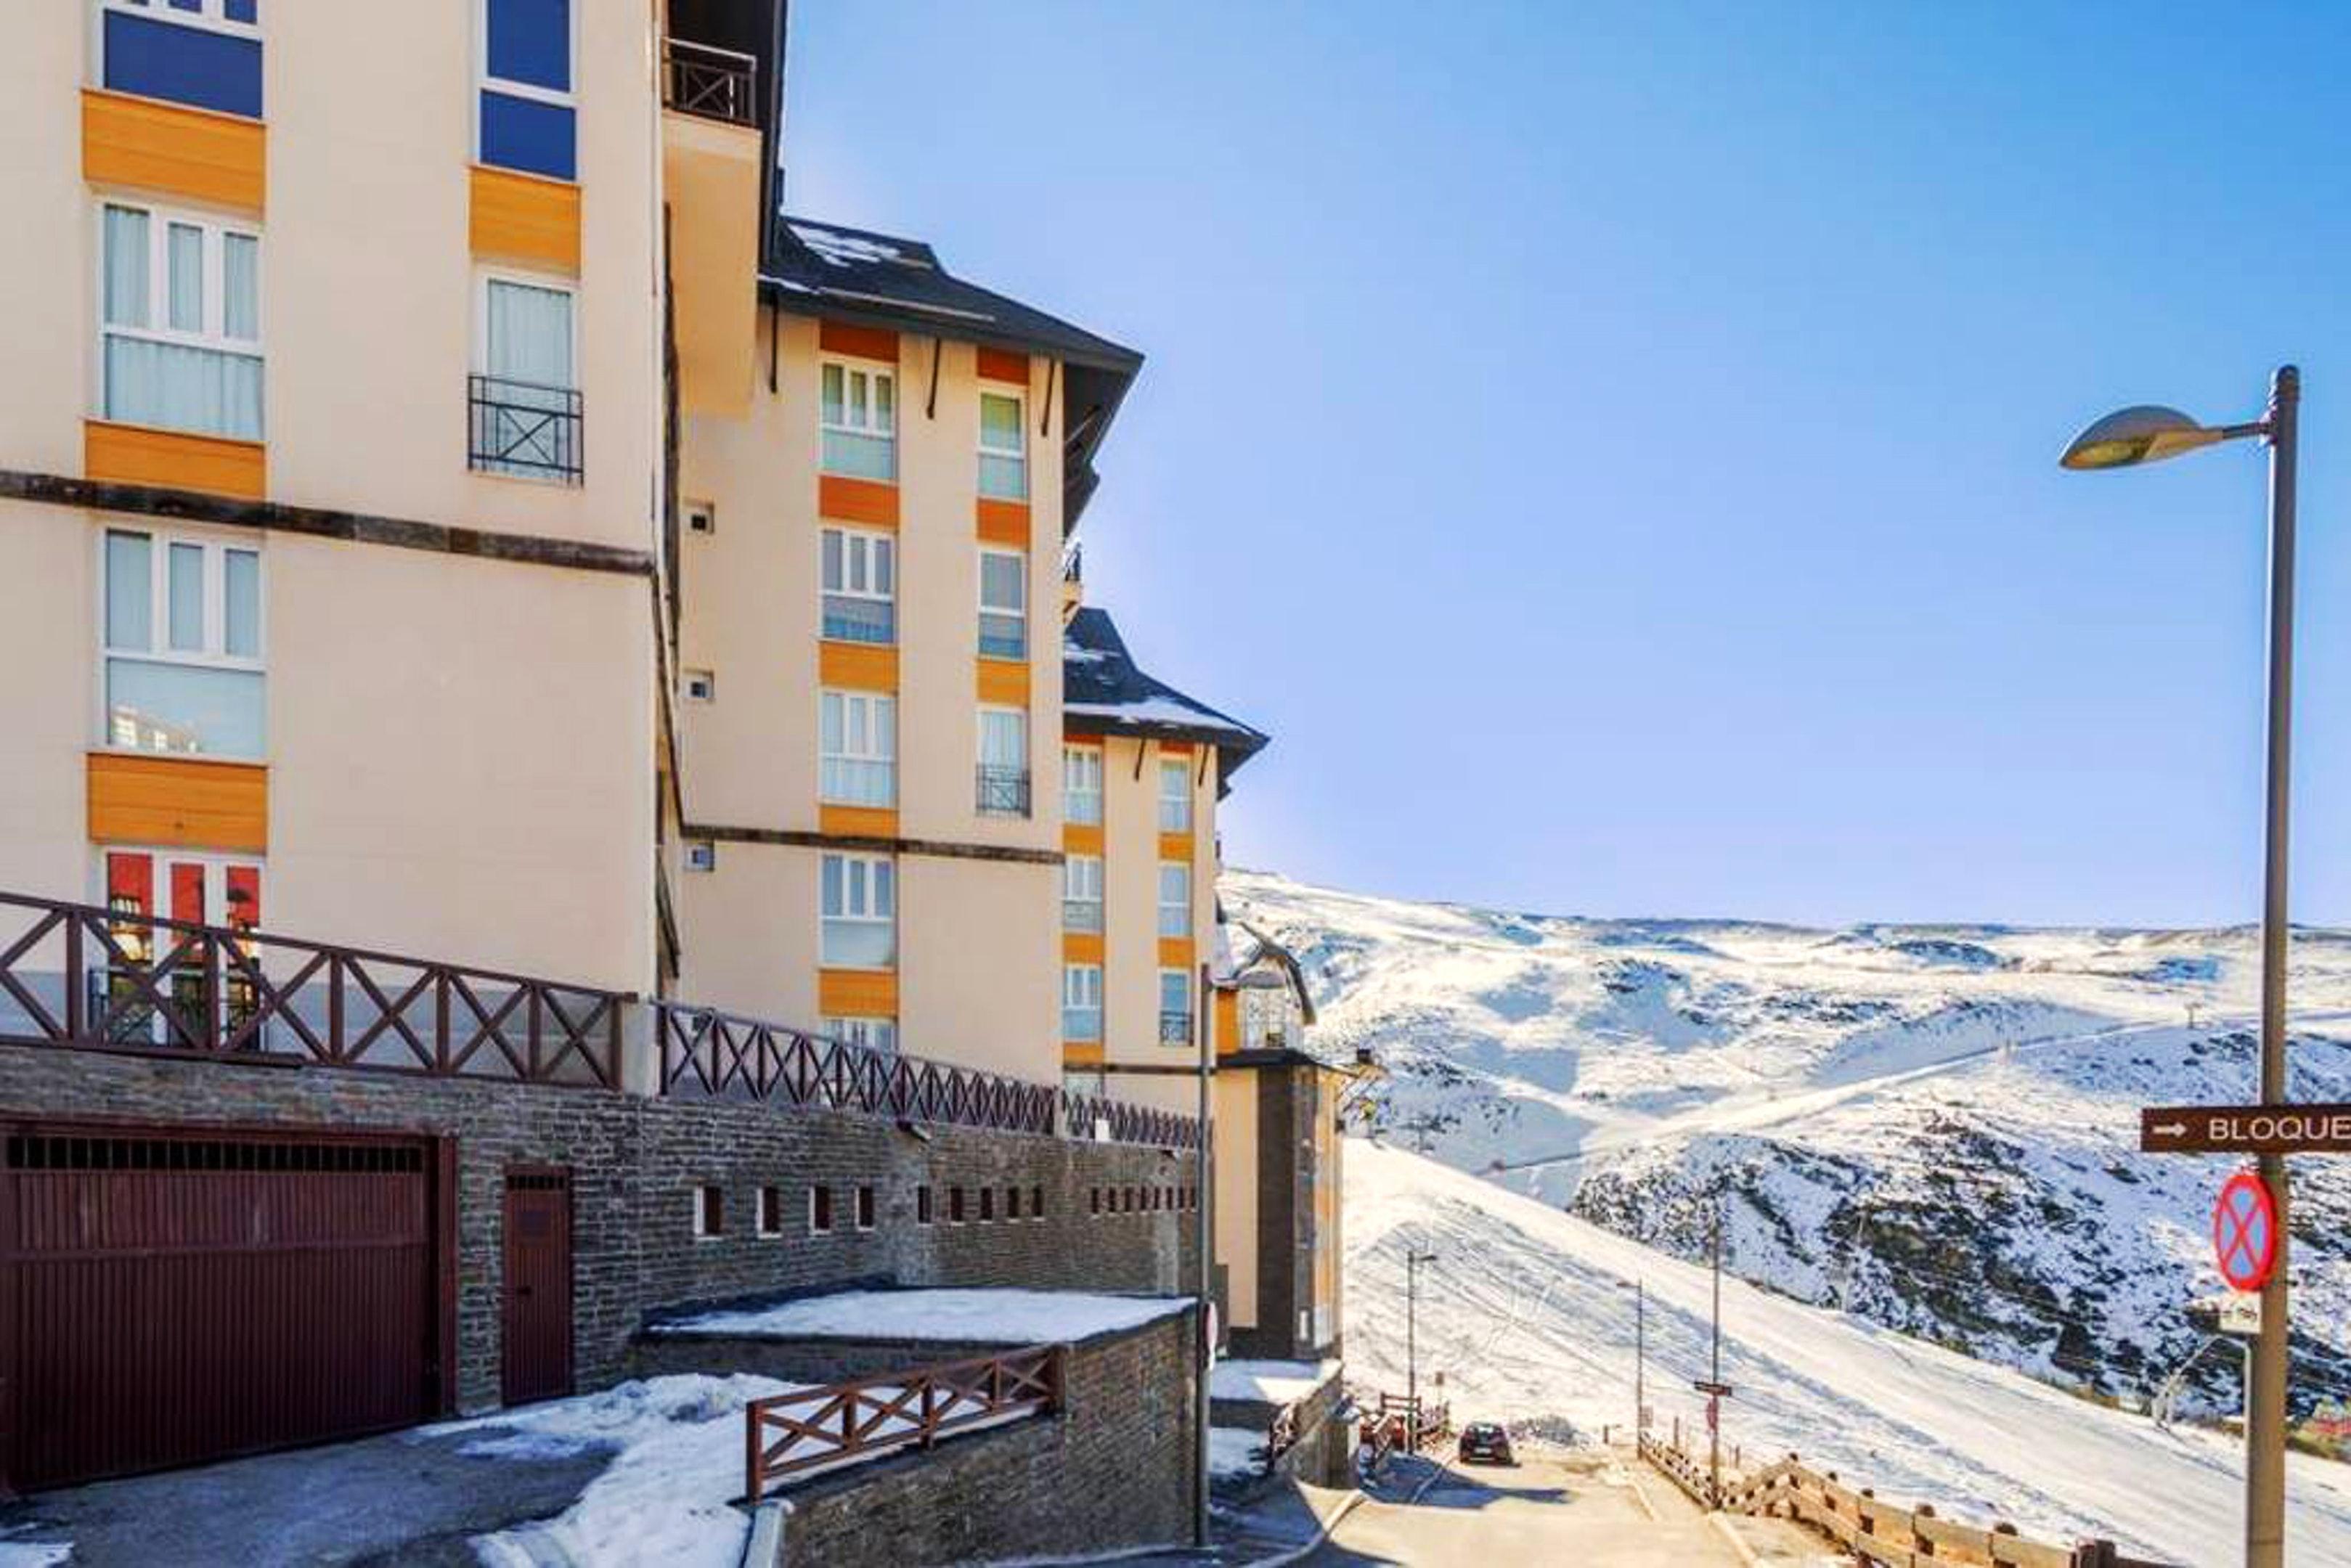 Wohnung mit 2 Schlafzimmern in Sierra Nevada mit t Ferienwohnung in Spanien